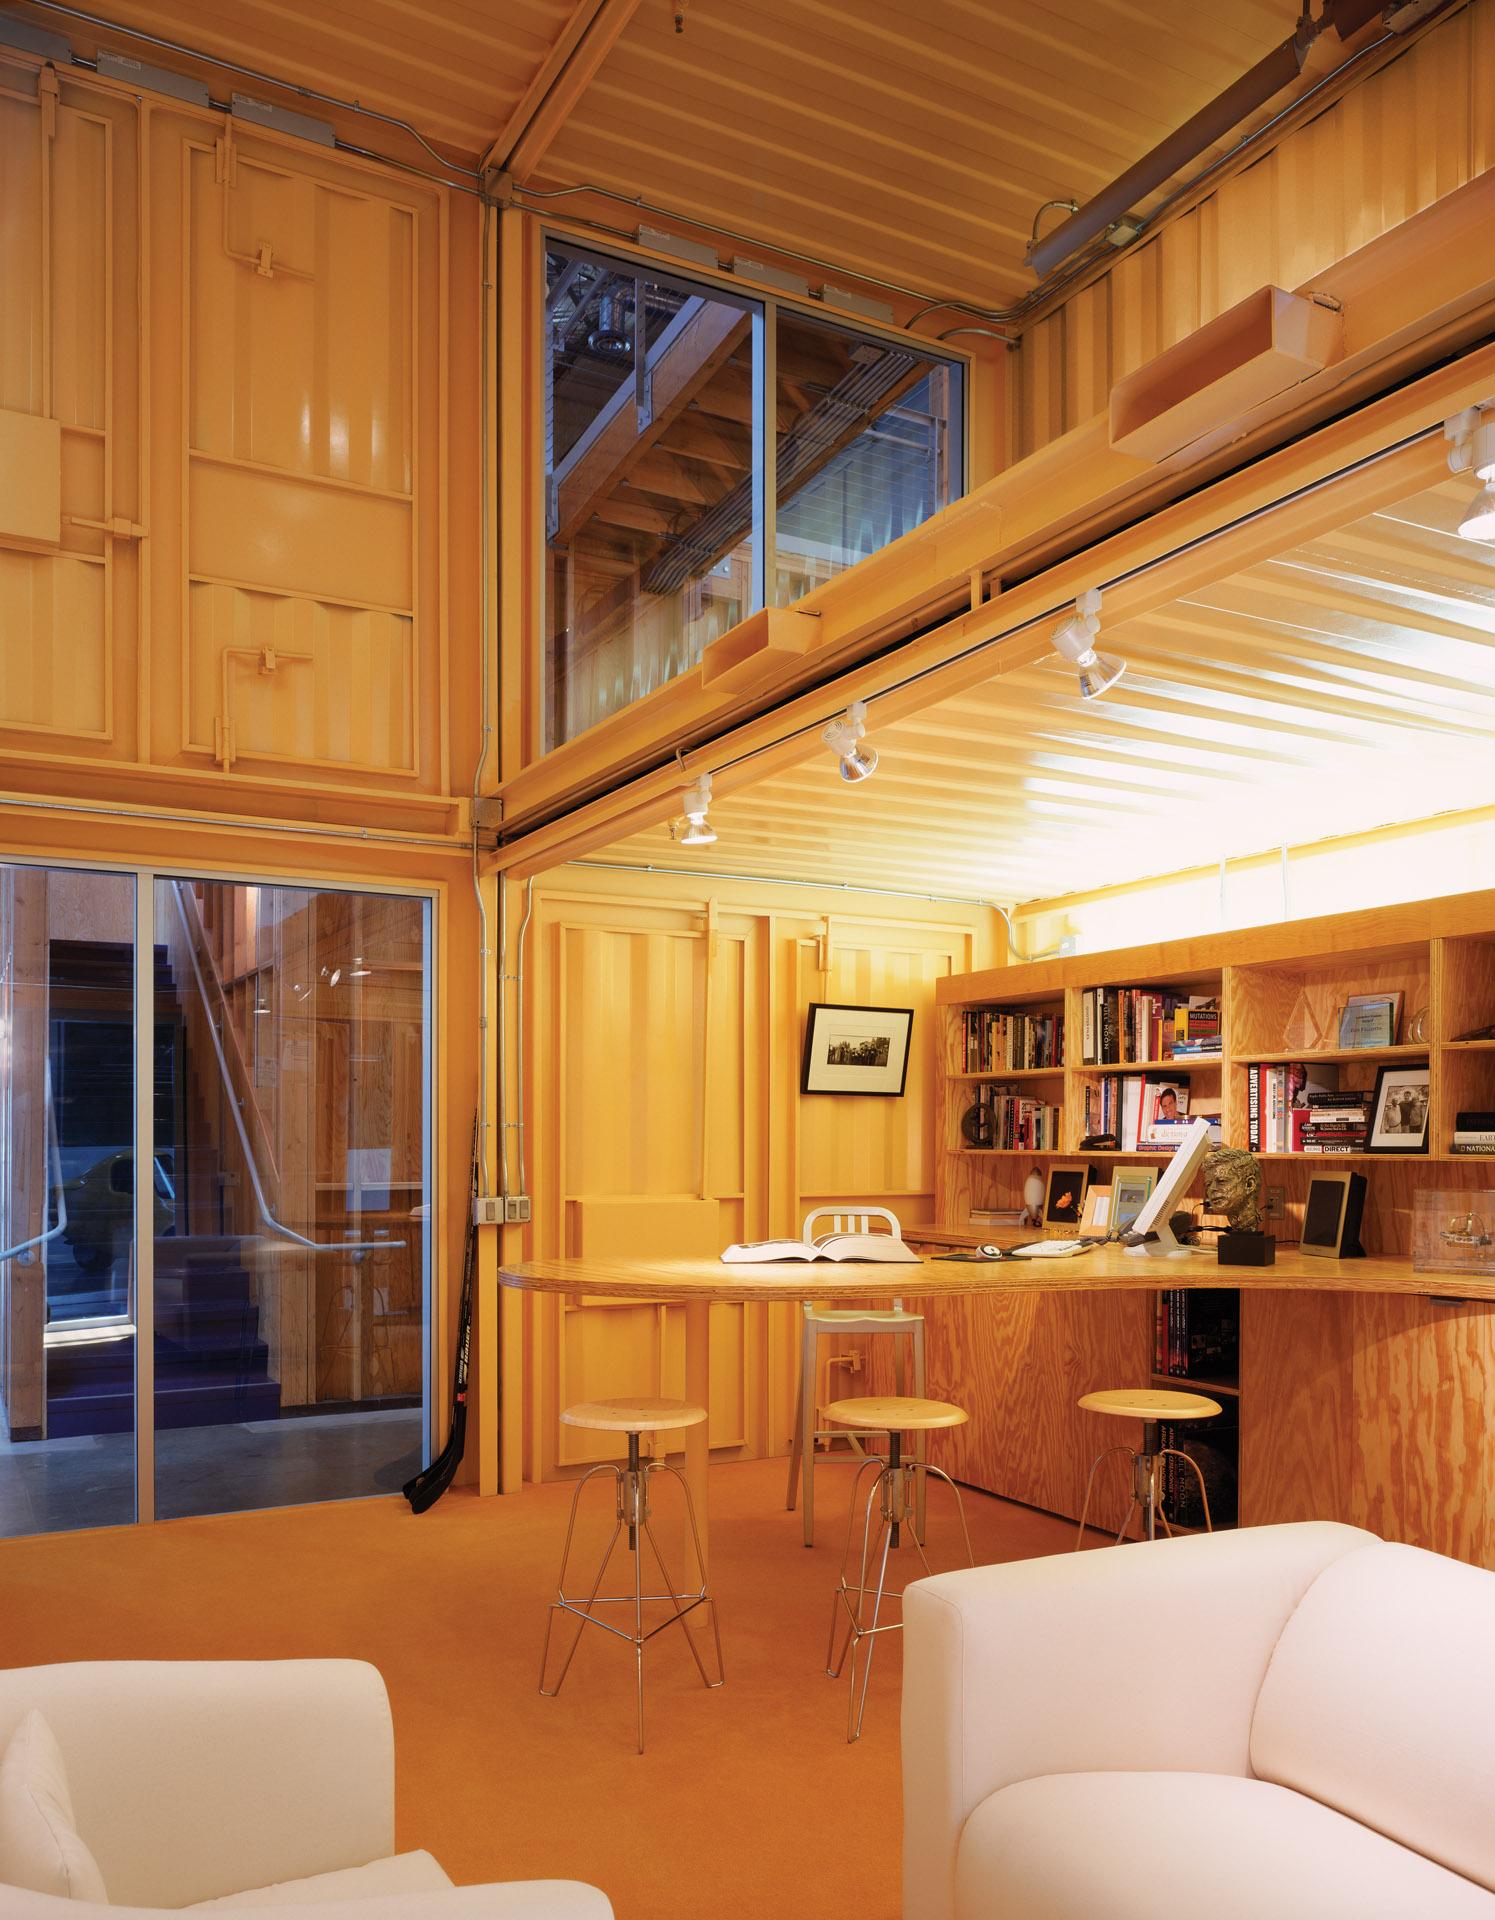 interior de las oficinas creada con contenedores marítimos por Clive Wilkinson Architects